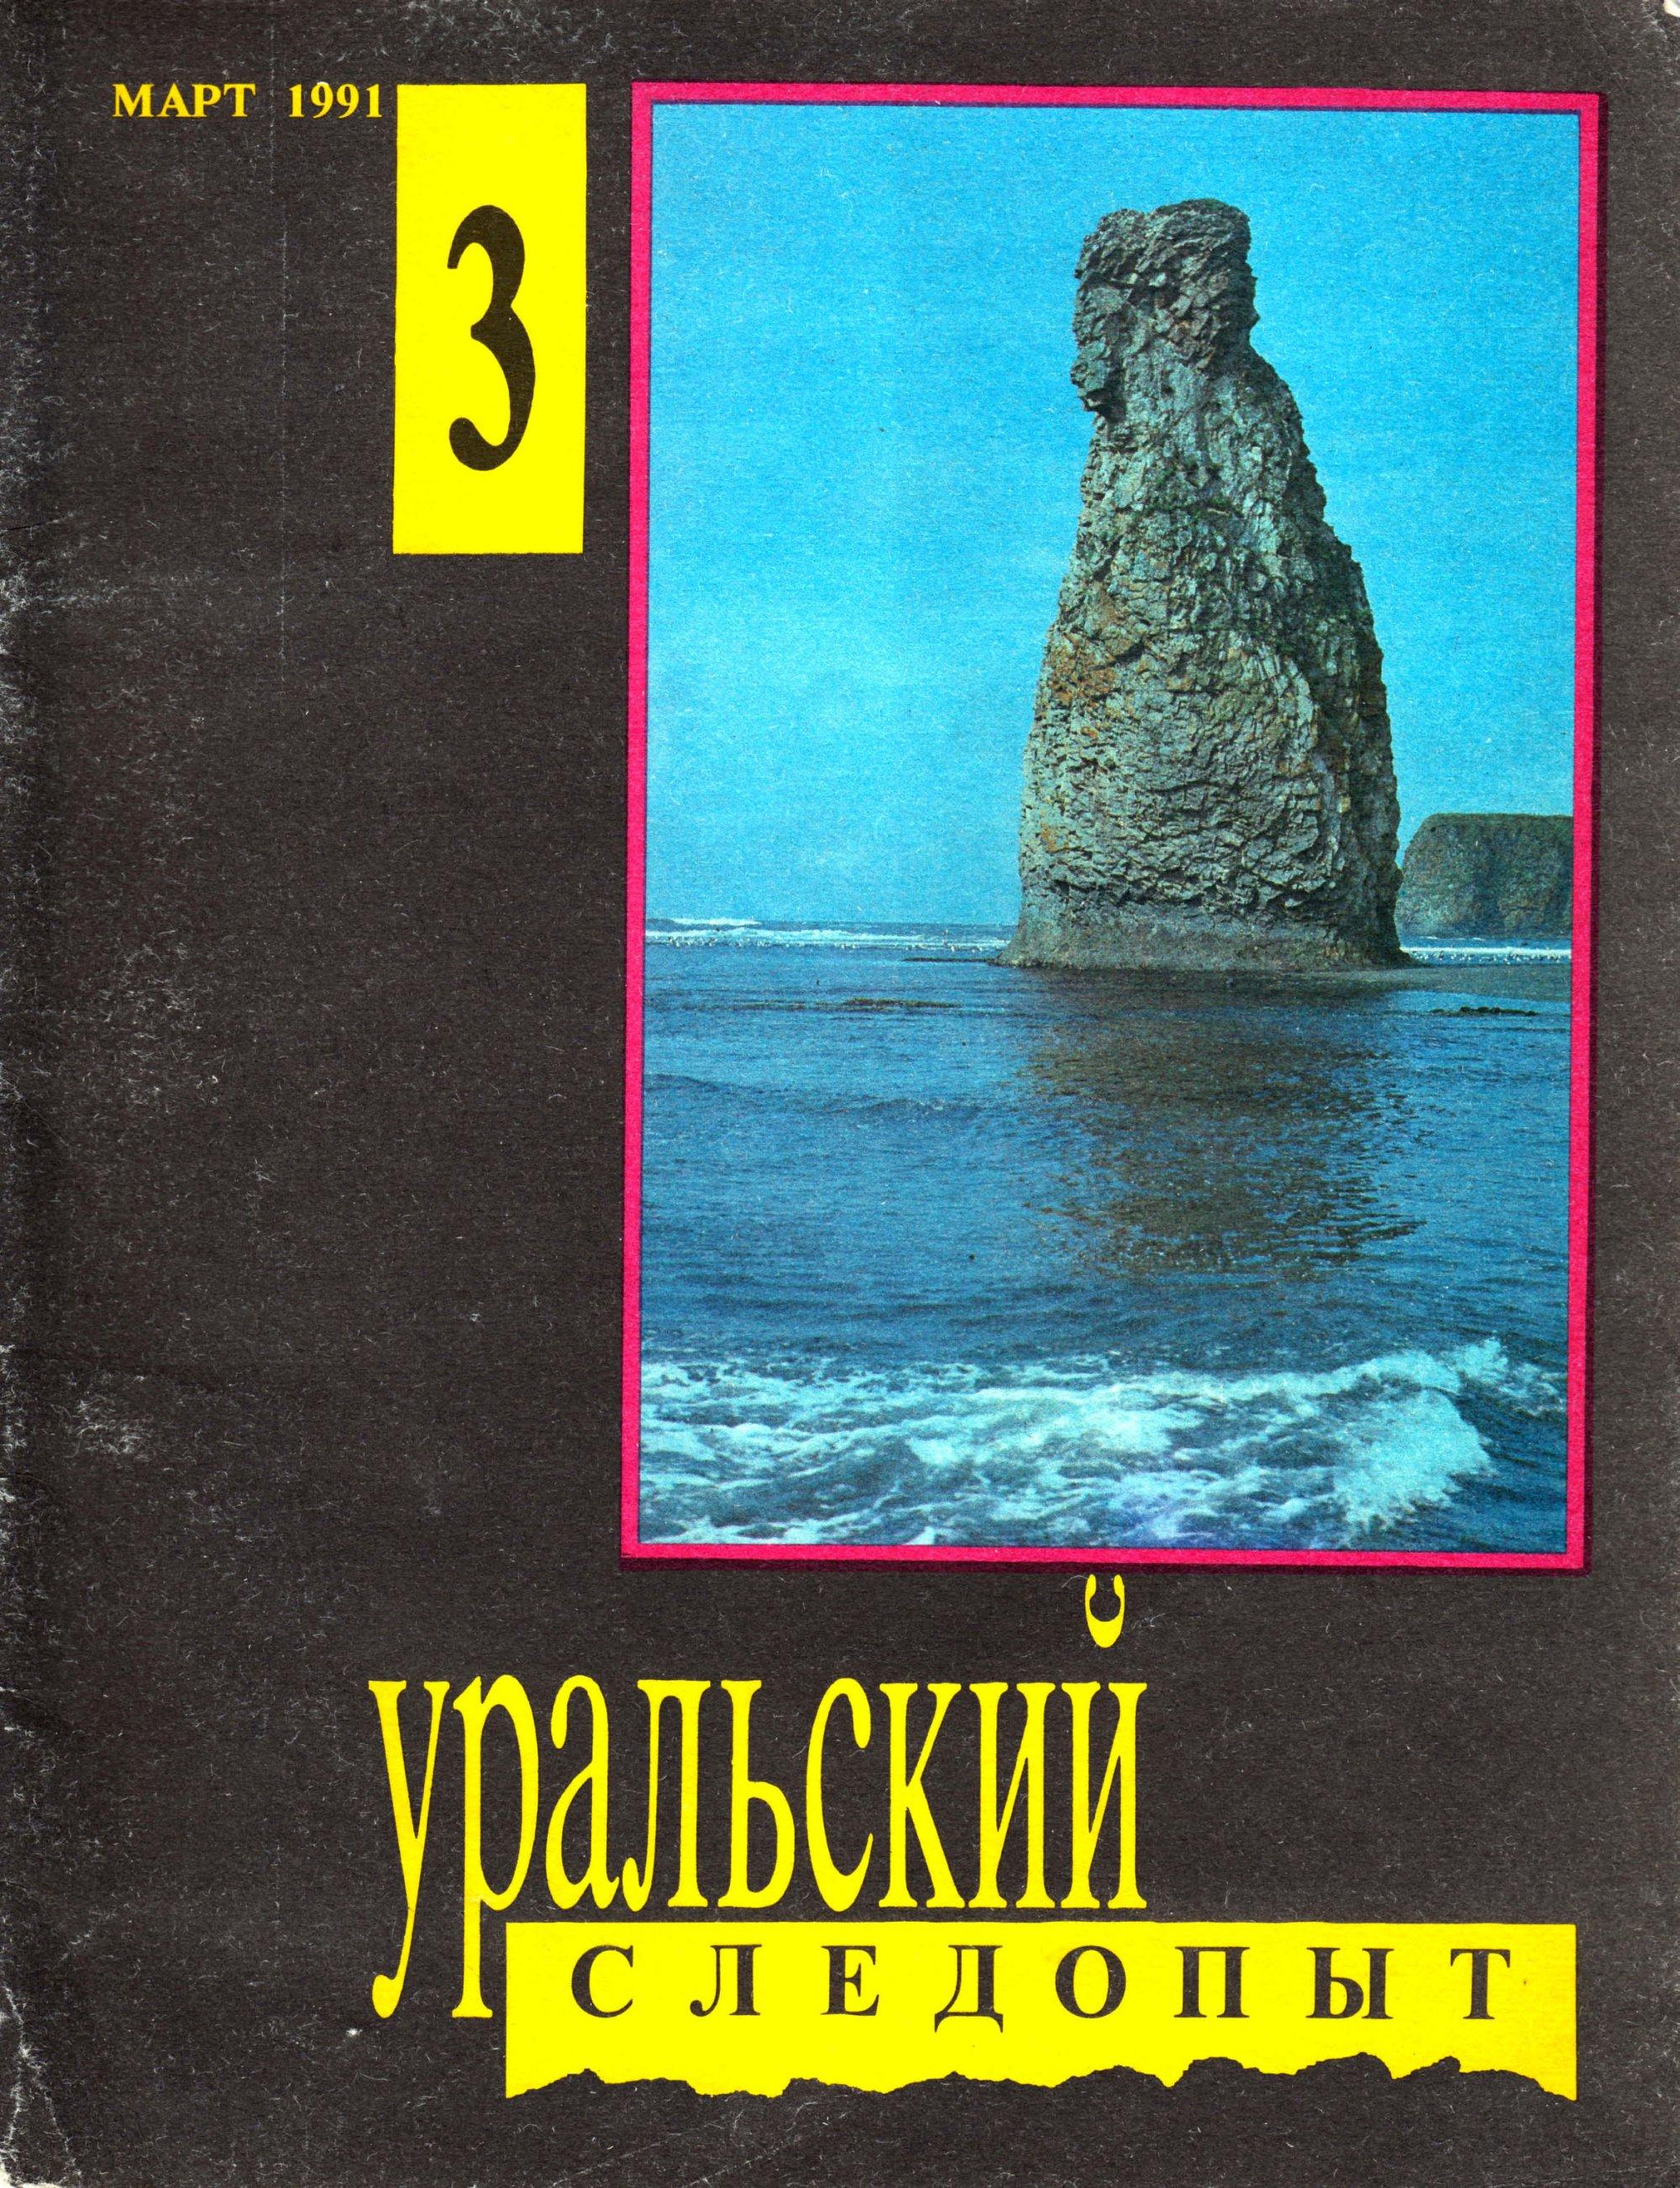 Отсутствует Уральский следопыт №03/1991 отсутствует уральский следопыт 11 1991